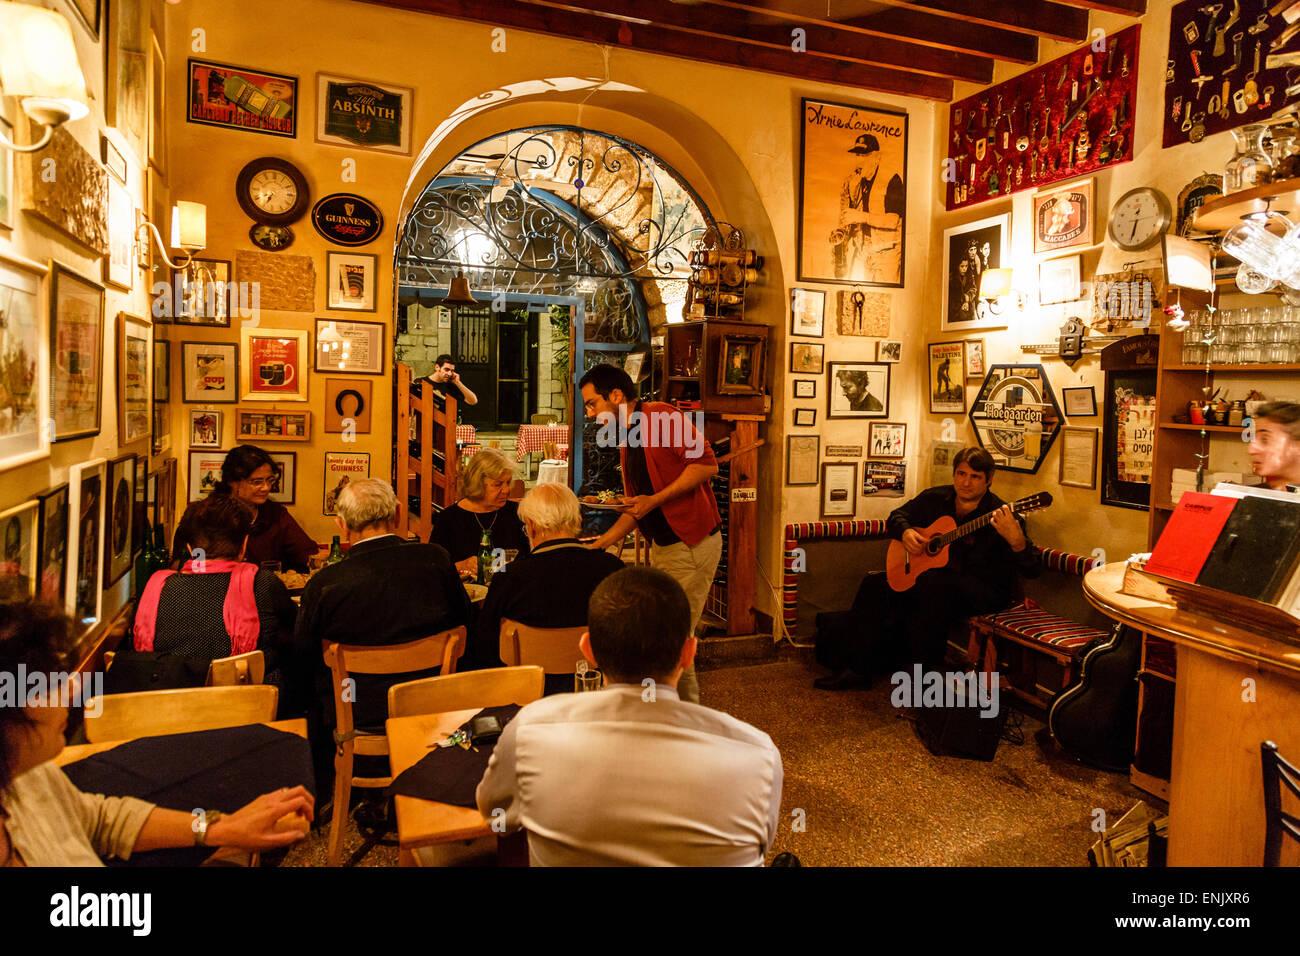 Barood Bar y restaurante en la calle Jaffa, en Jerusalén, Israel, Oriente Medio Imagen De Stock